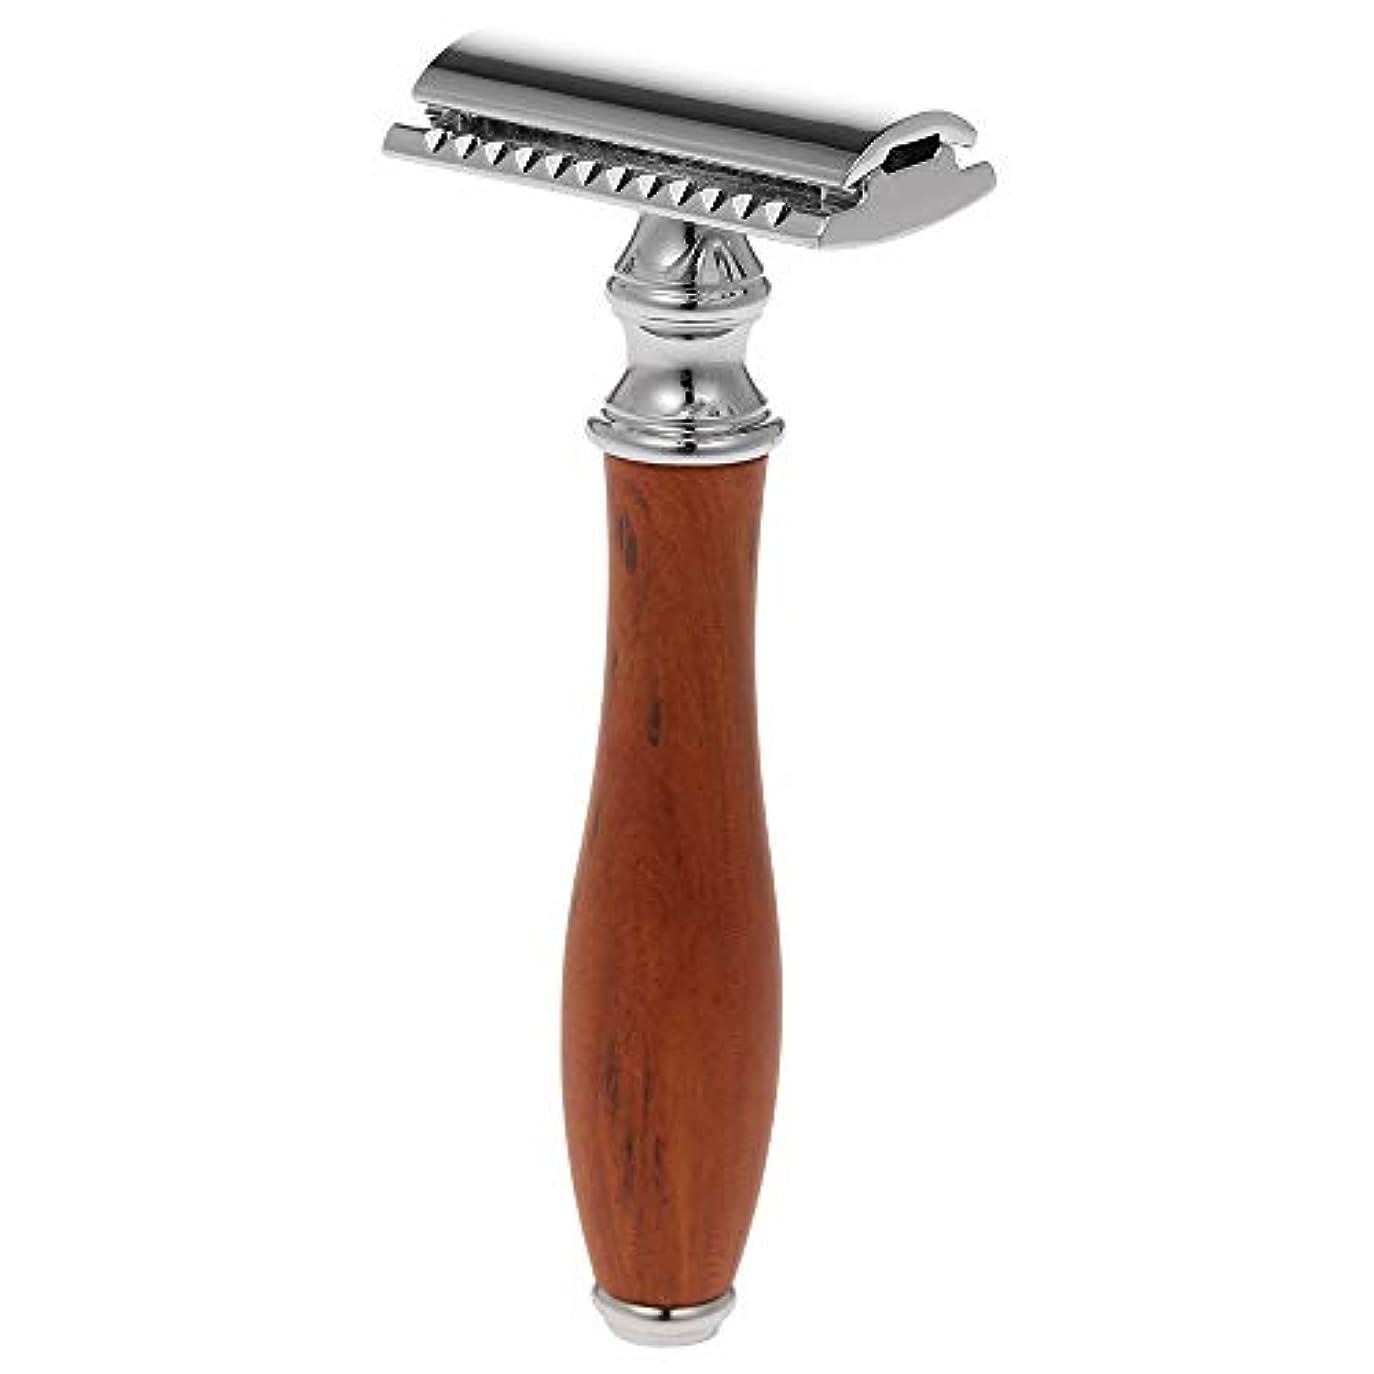 お嬢永遠の北極圏Decdeal 剃毛かみそり 安全 かみそり 剃毛ツール 両刃 カミソリ